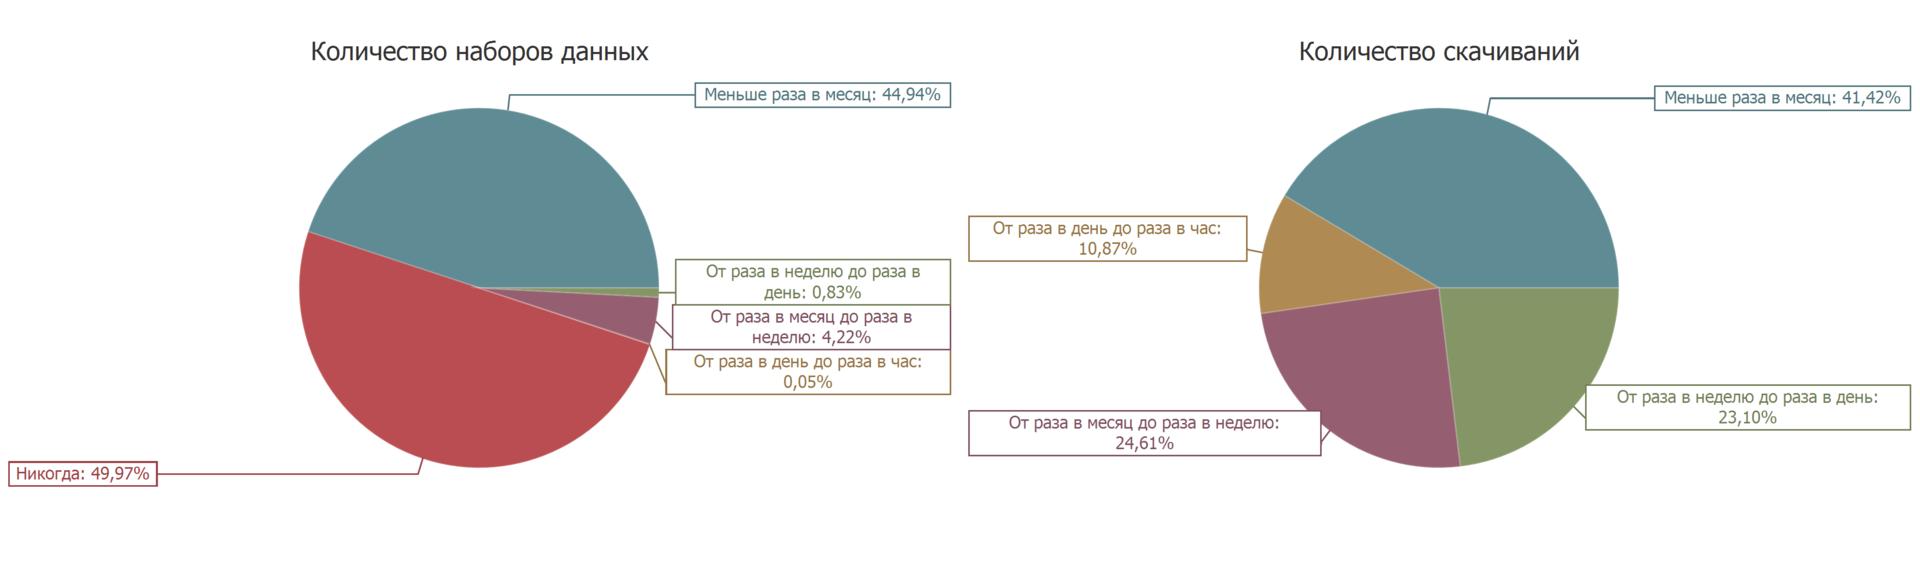 Количество скачиваний в месяц наборов открытых данных с портала data.gov.ru. Диаграмма